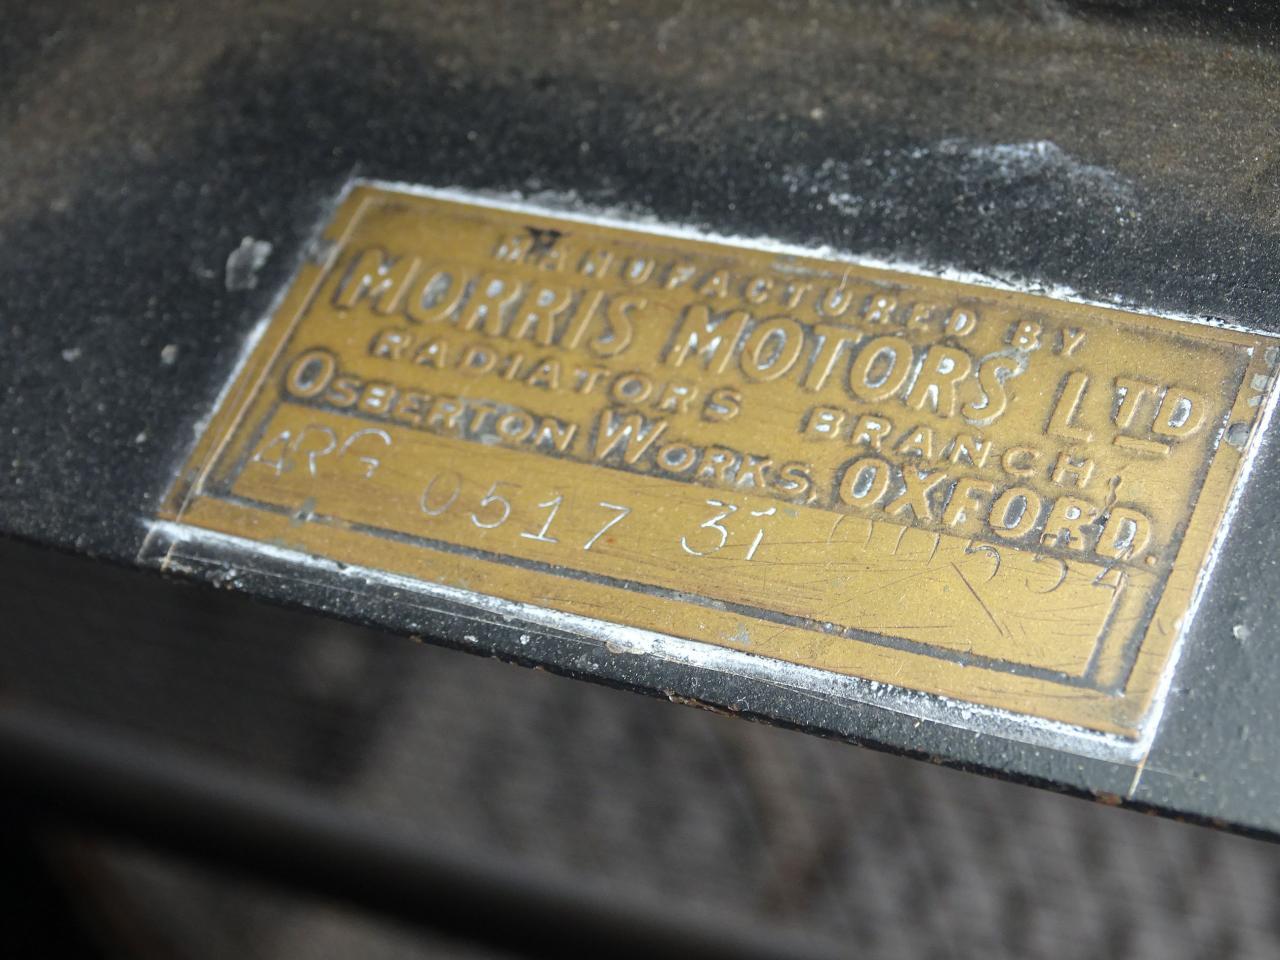 1954 MG TF 71